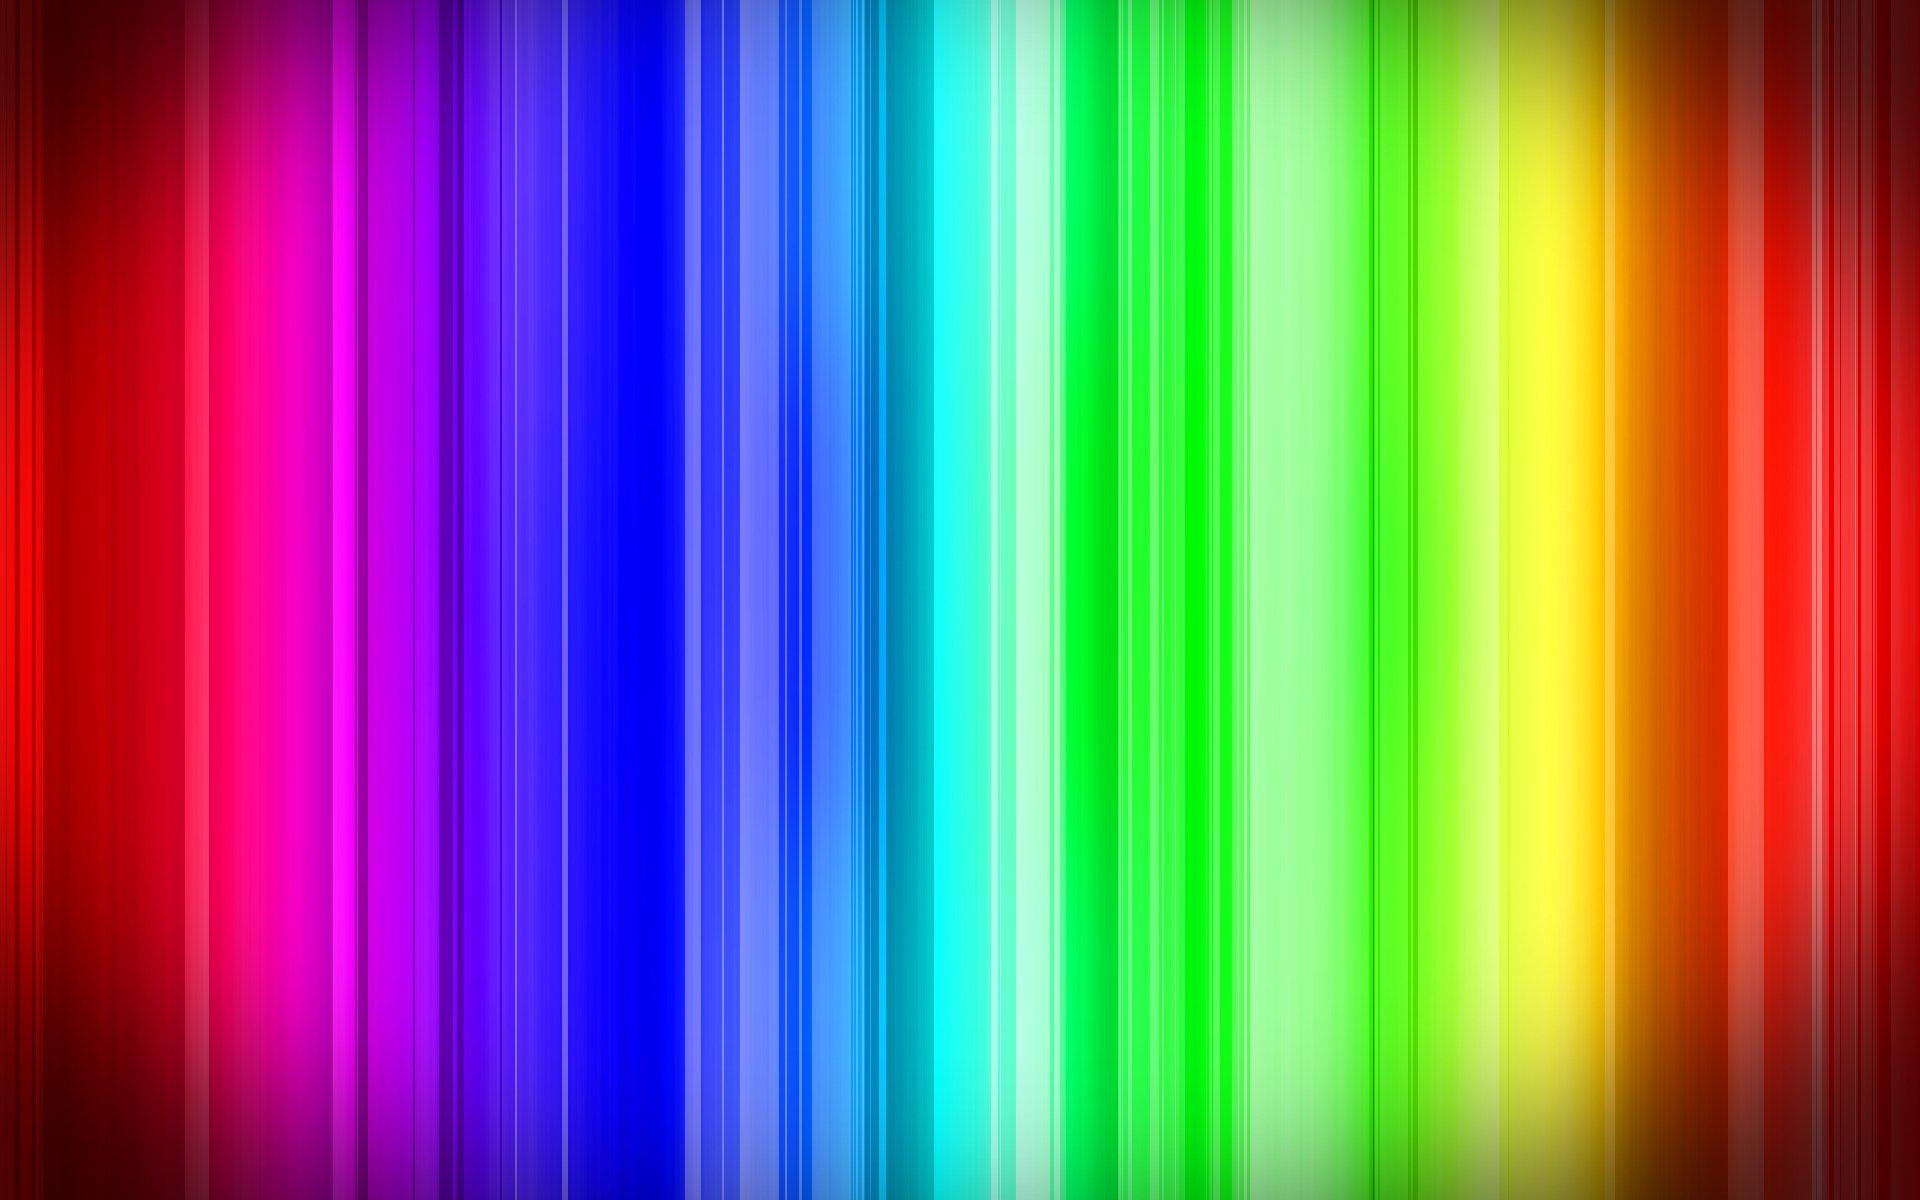 colorful spectrum colors - photo #49